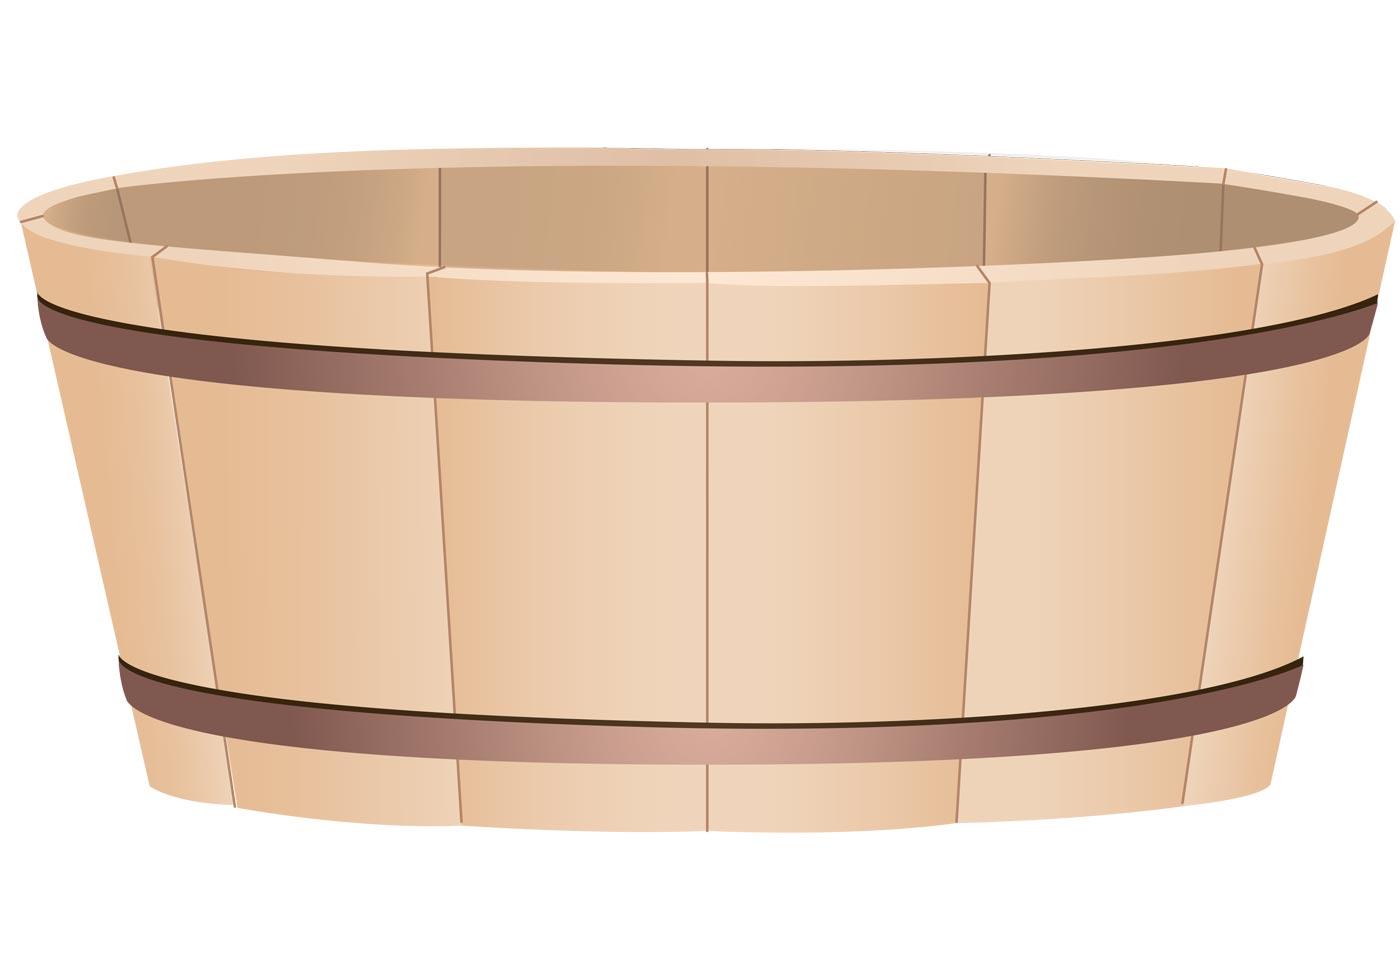 Wooden Bucket Vector Free Vector Art At Vecteezy